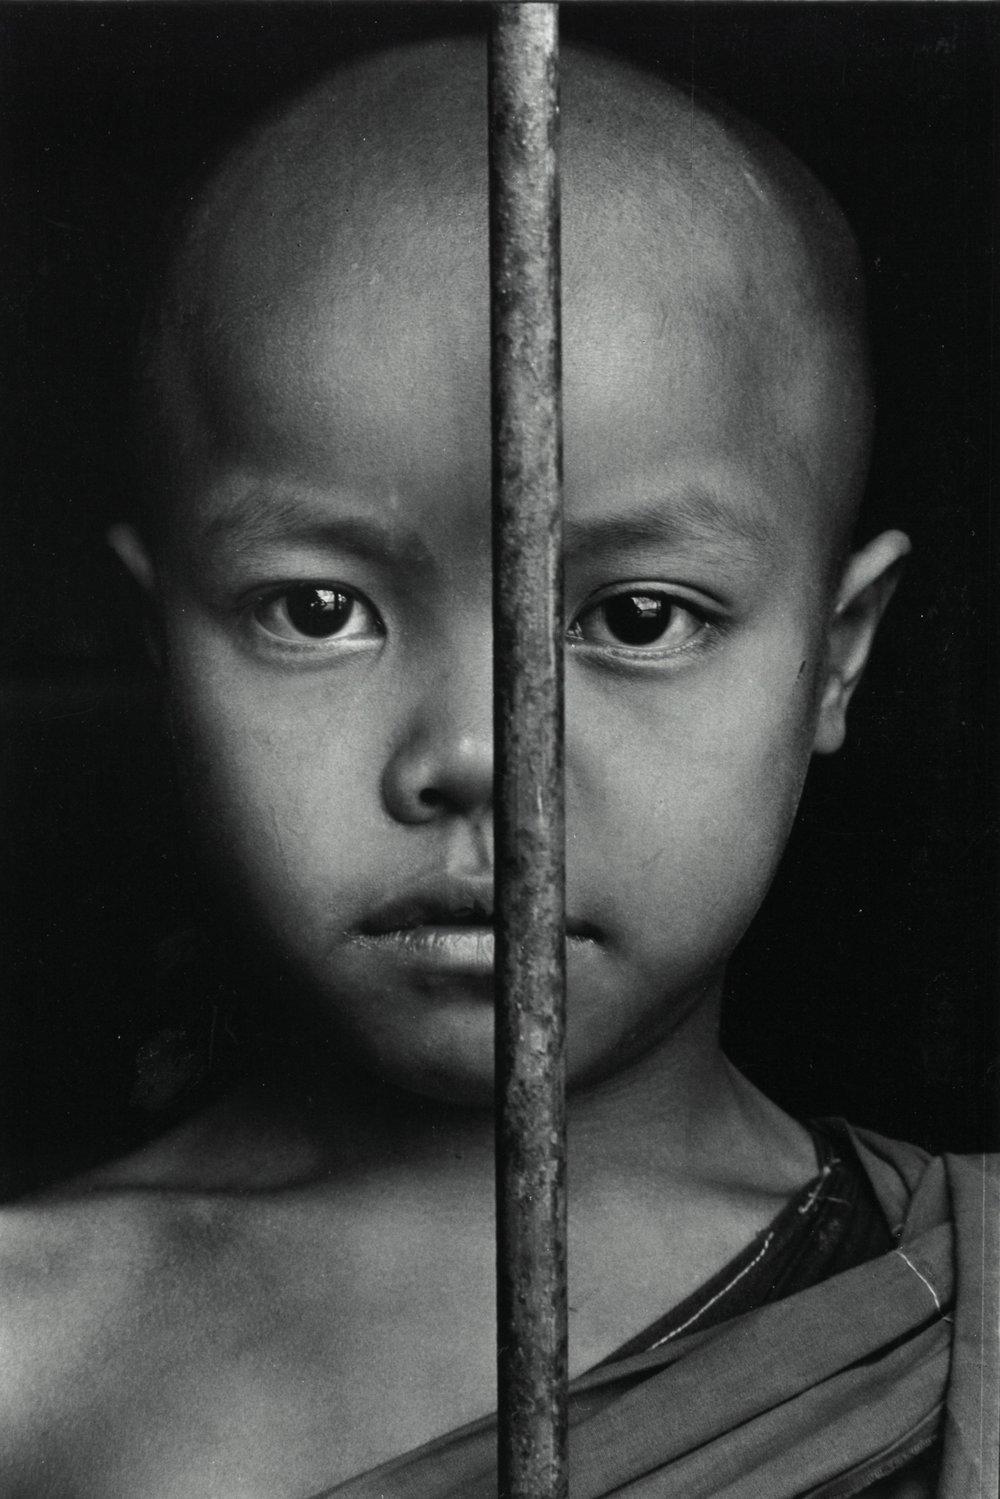 Enfant au monastère, Birmanie, 1987, photographie argentique, tirage réalisé par J.-C. Wicky, coll. privée © Ayants droits